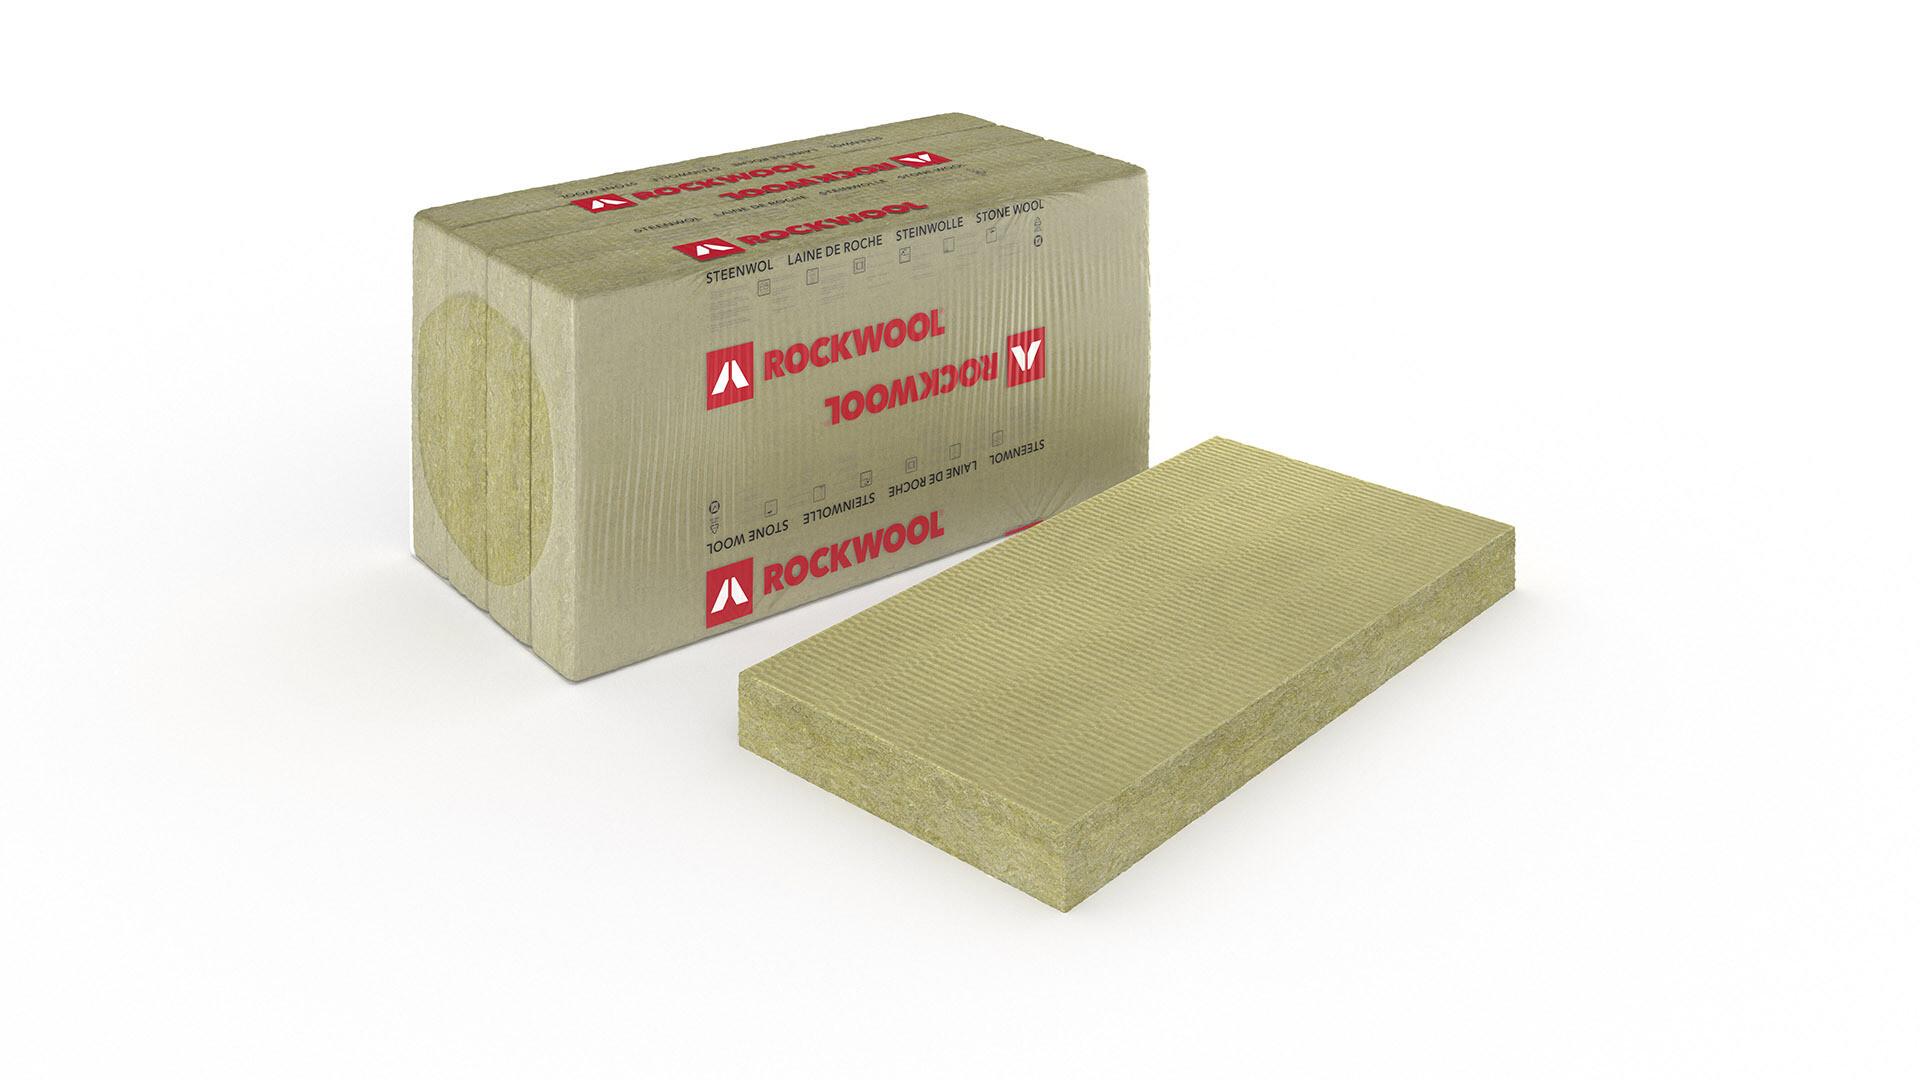 RockSono Base, GBI, packshot